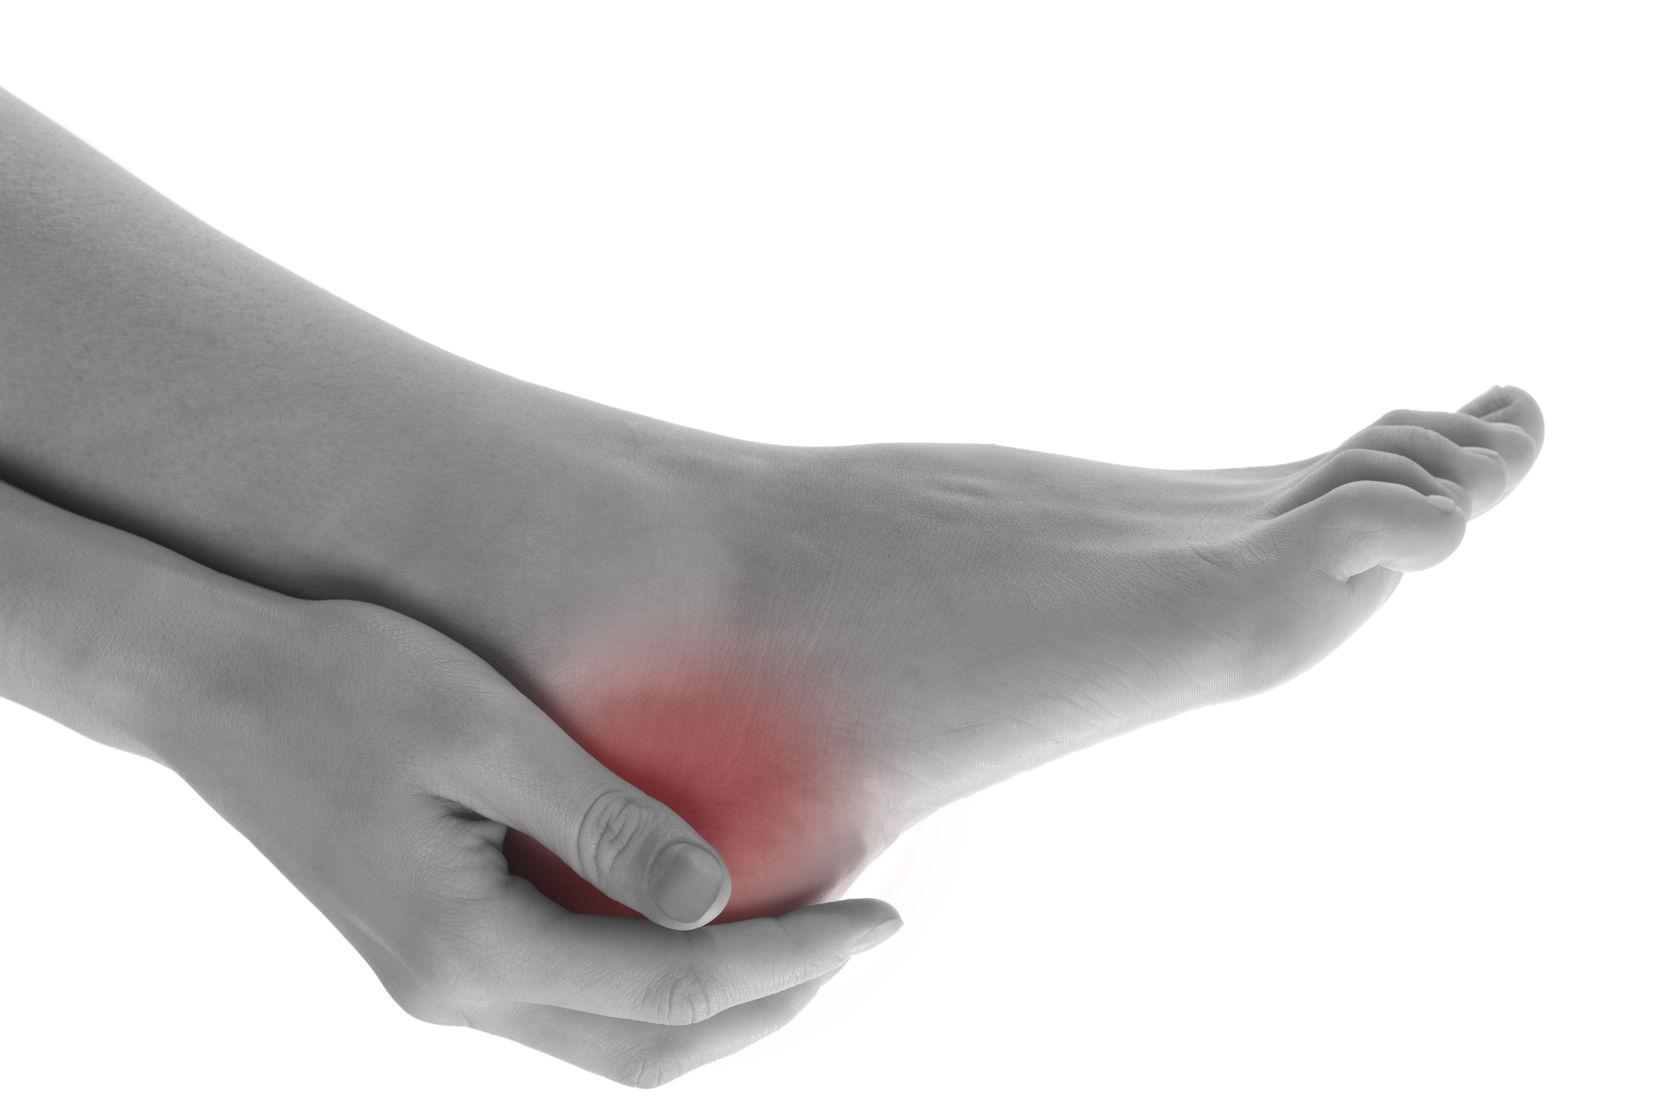 29470486_L_Heel Pain_Feet_Hands_Leg.jpg